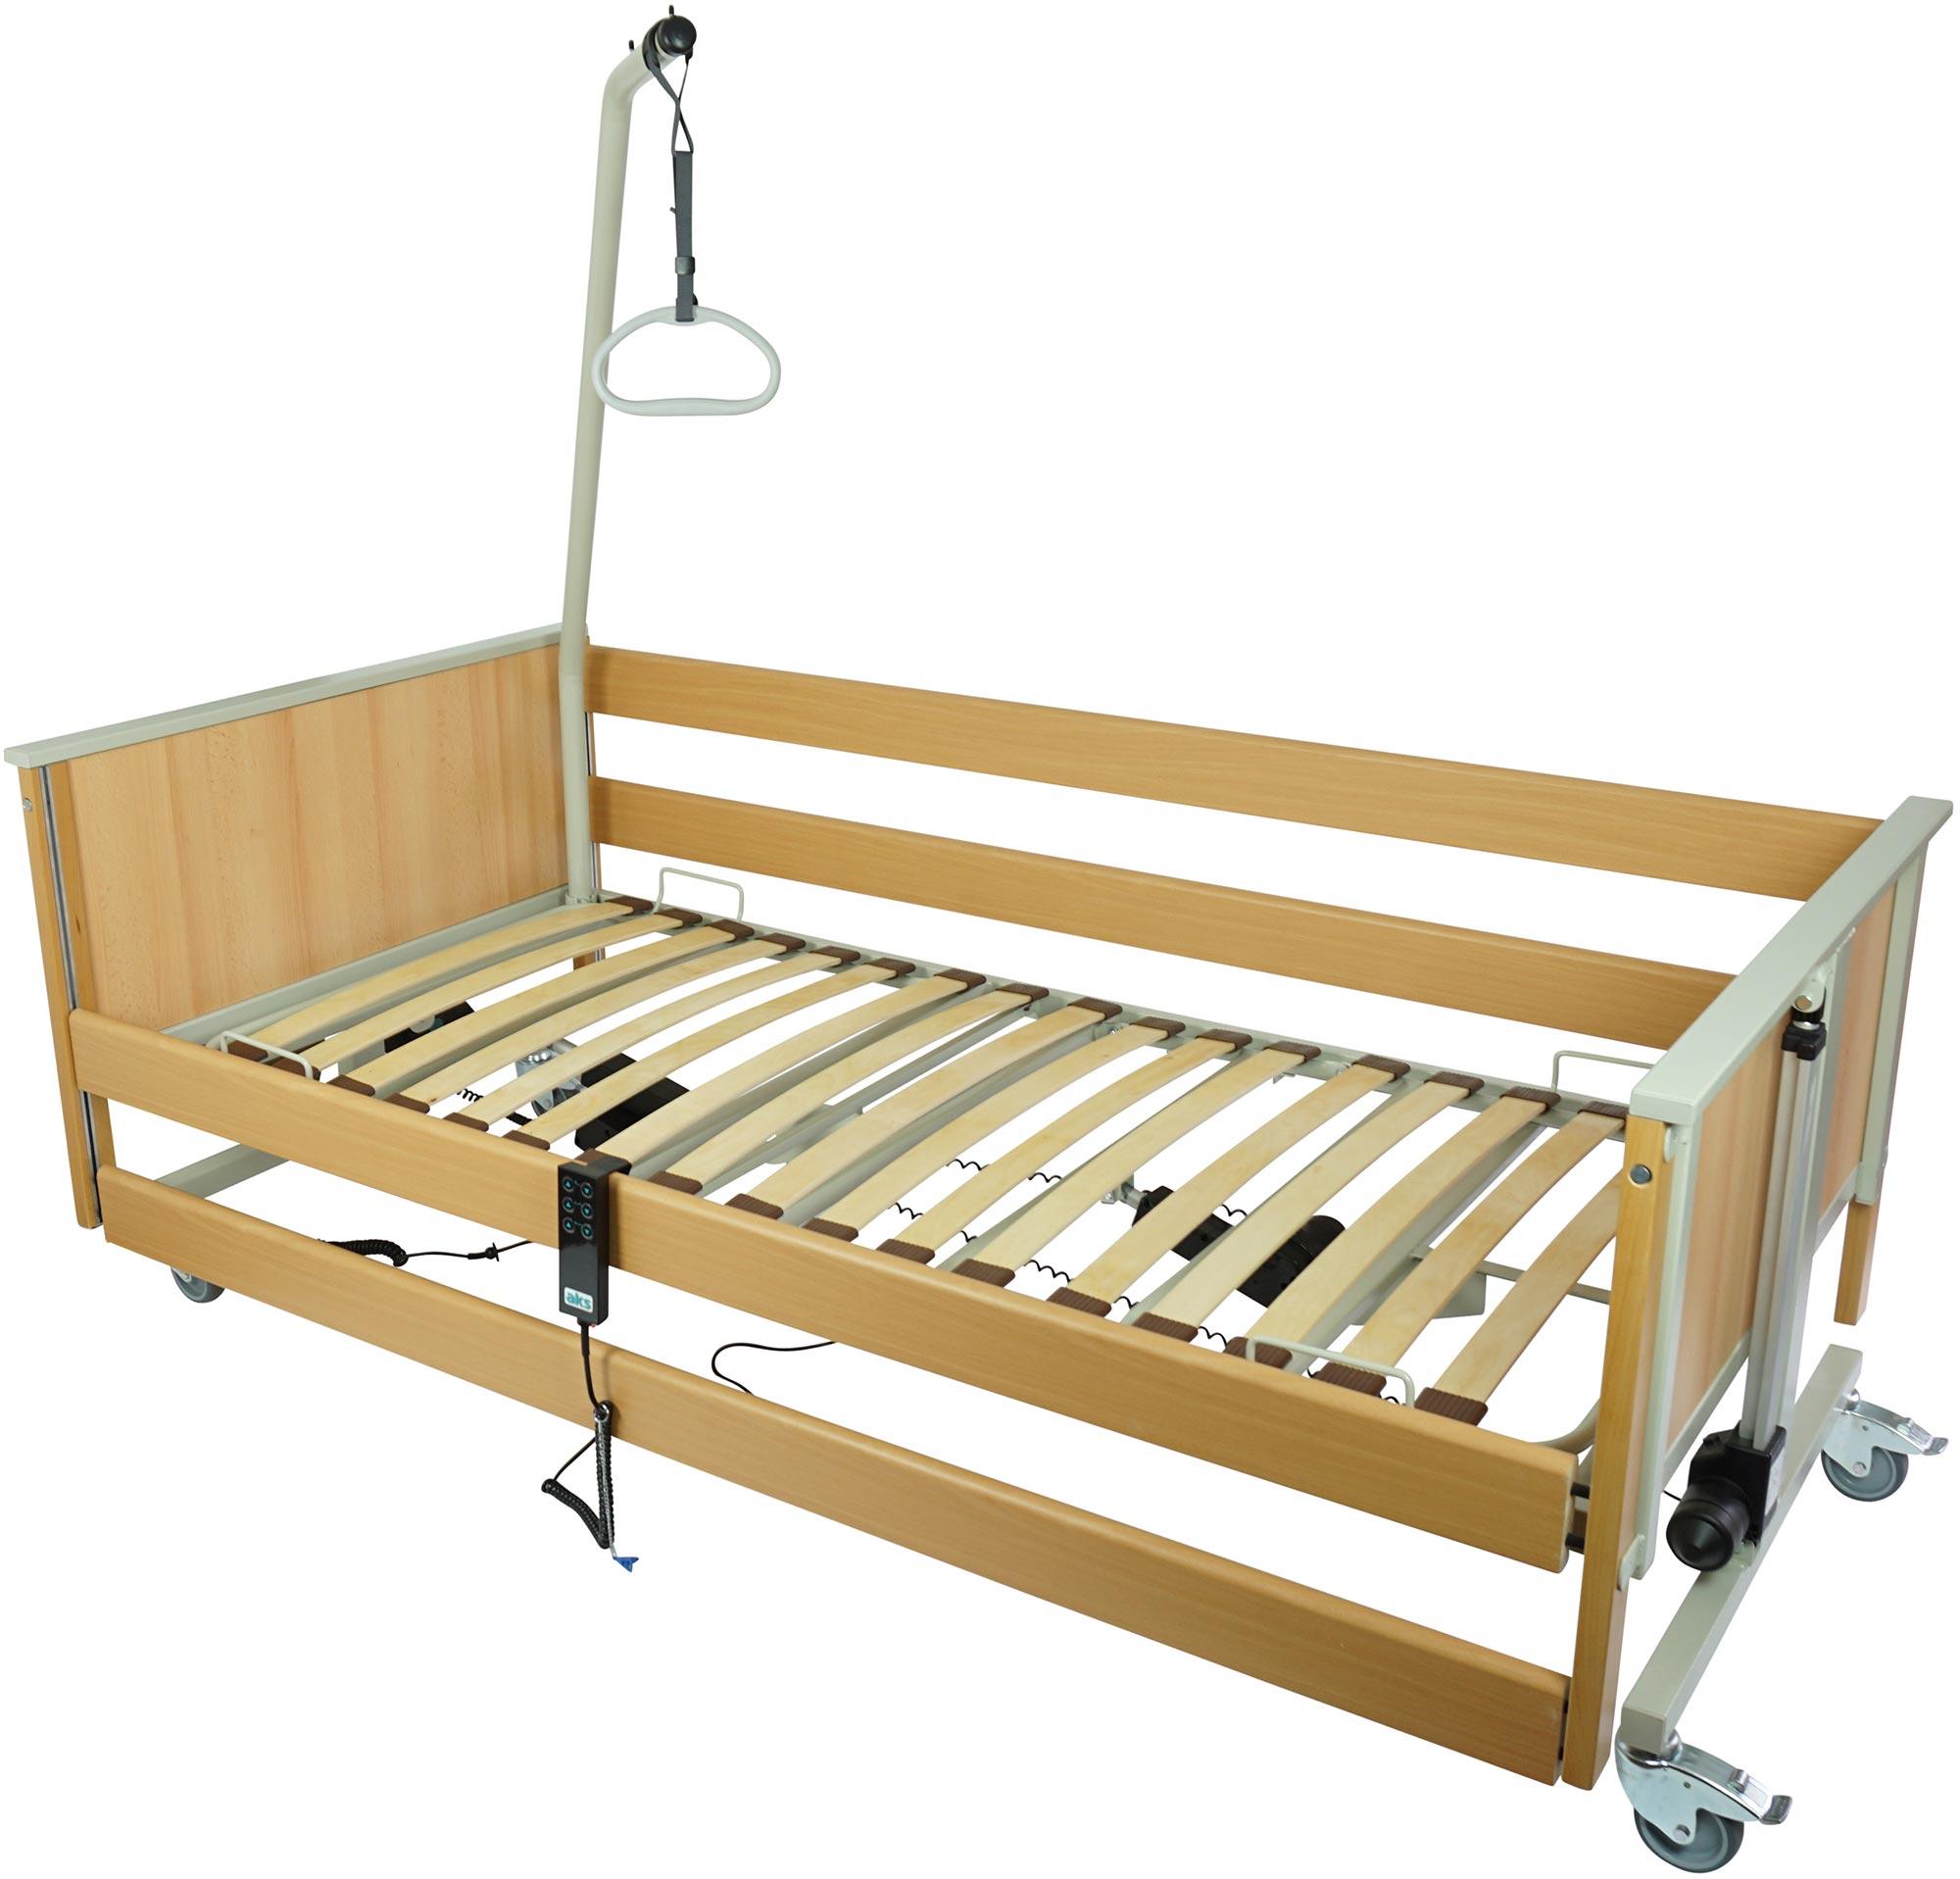 Full Size of Standard Pflegebetten Alle Funktionen Normales Design Mc Günstige Betten Schöne Bock Breckle Nolte Ikea 160x200 Rauch 140x200 Amazon 180x200 Wohnwert Bett Bock Betten